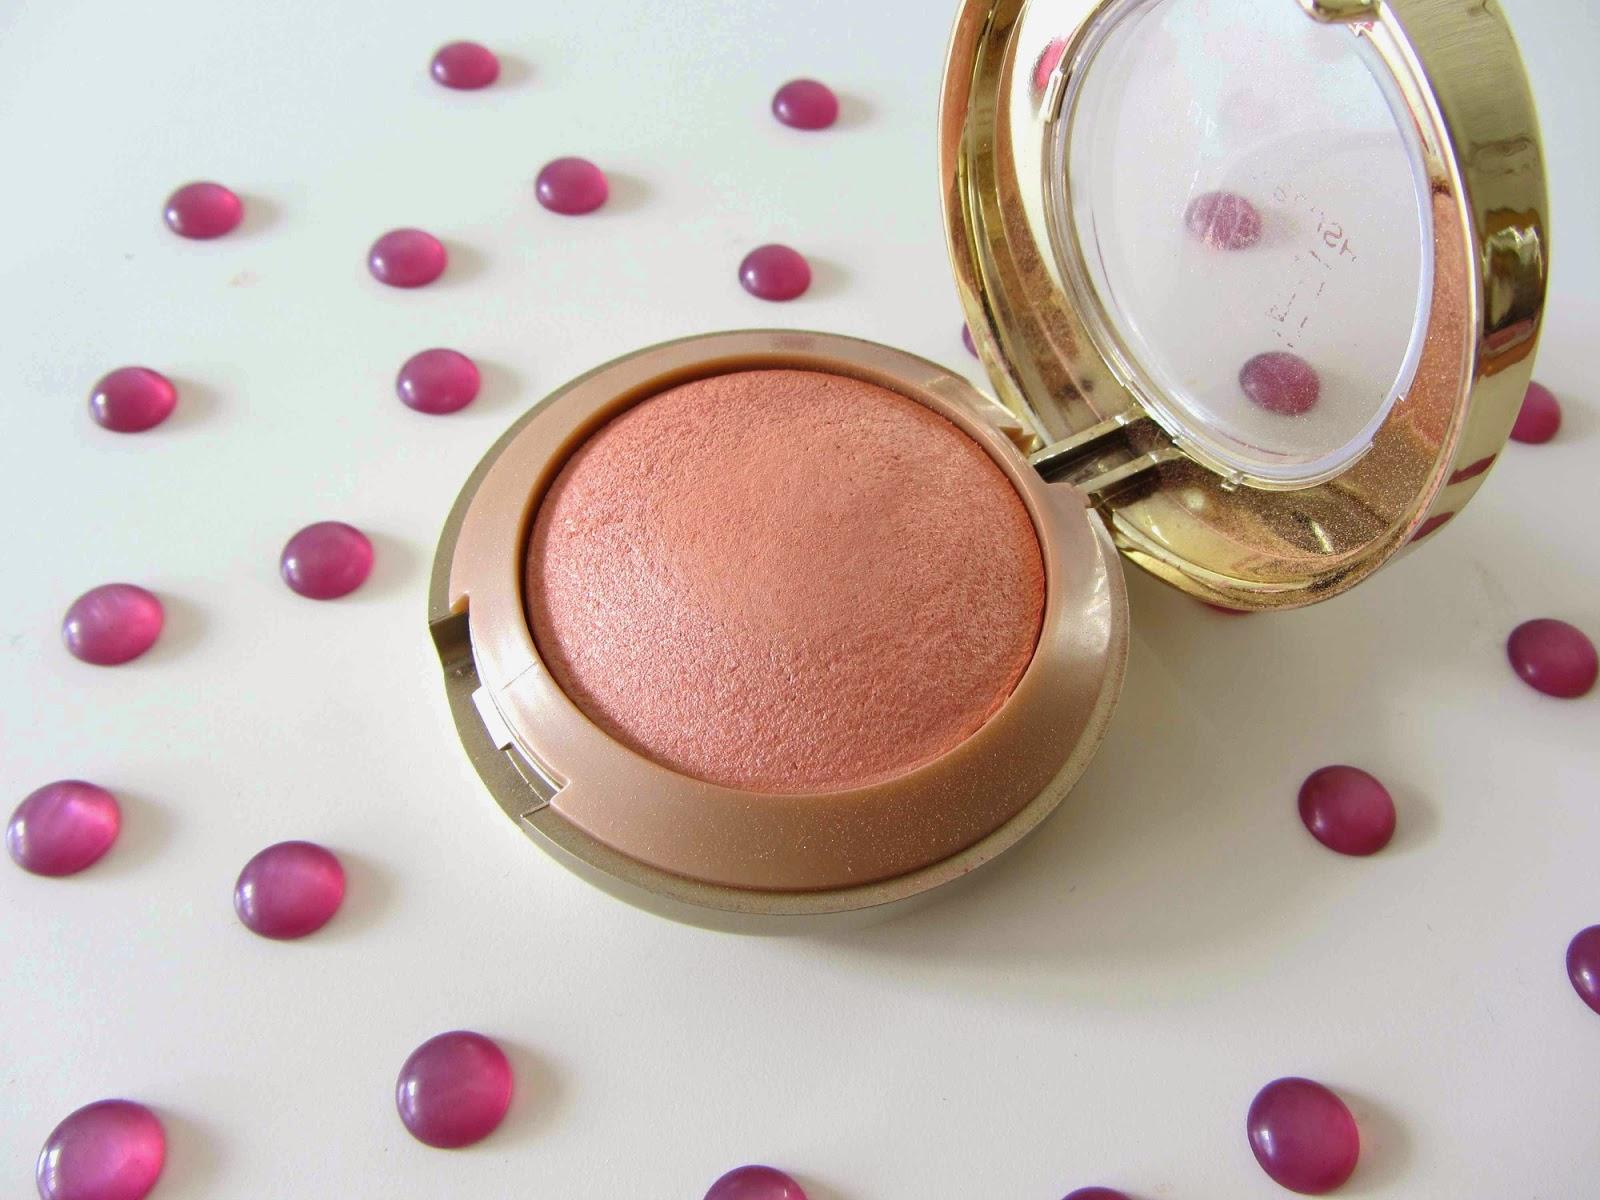 makeup blush milani baked blush luminoso